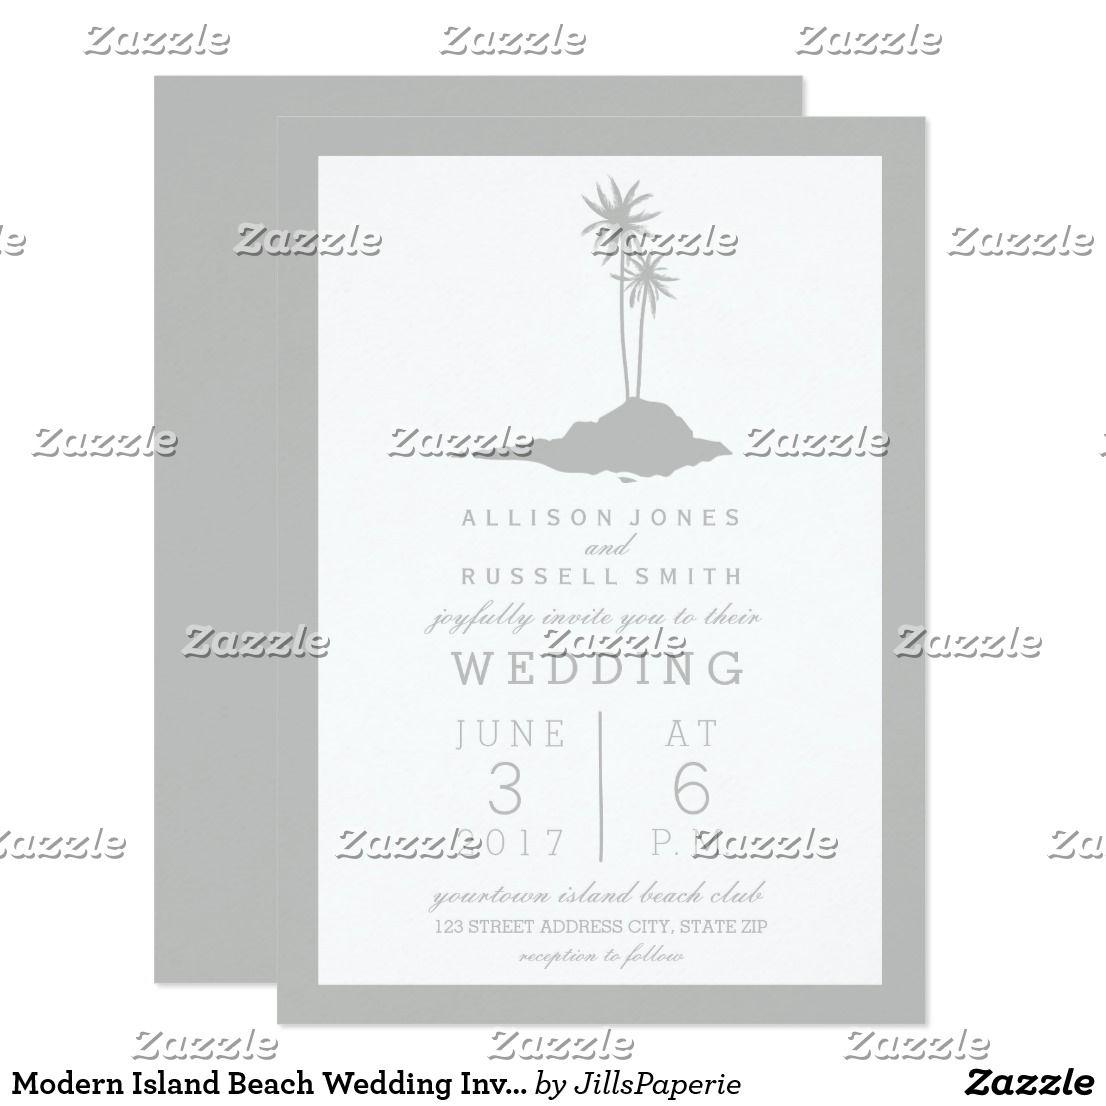 Modern Island Beach Wedding Invitation - Gray | Wedding ...